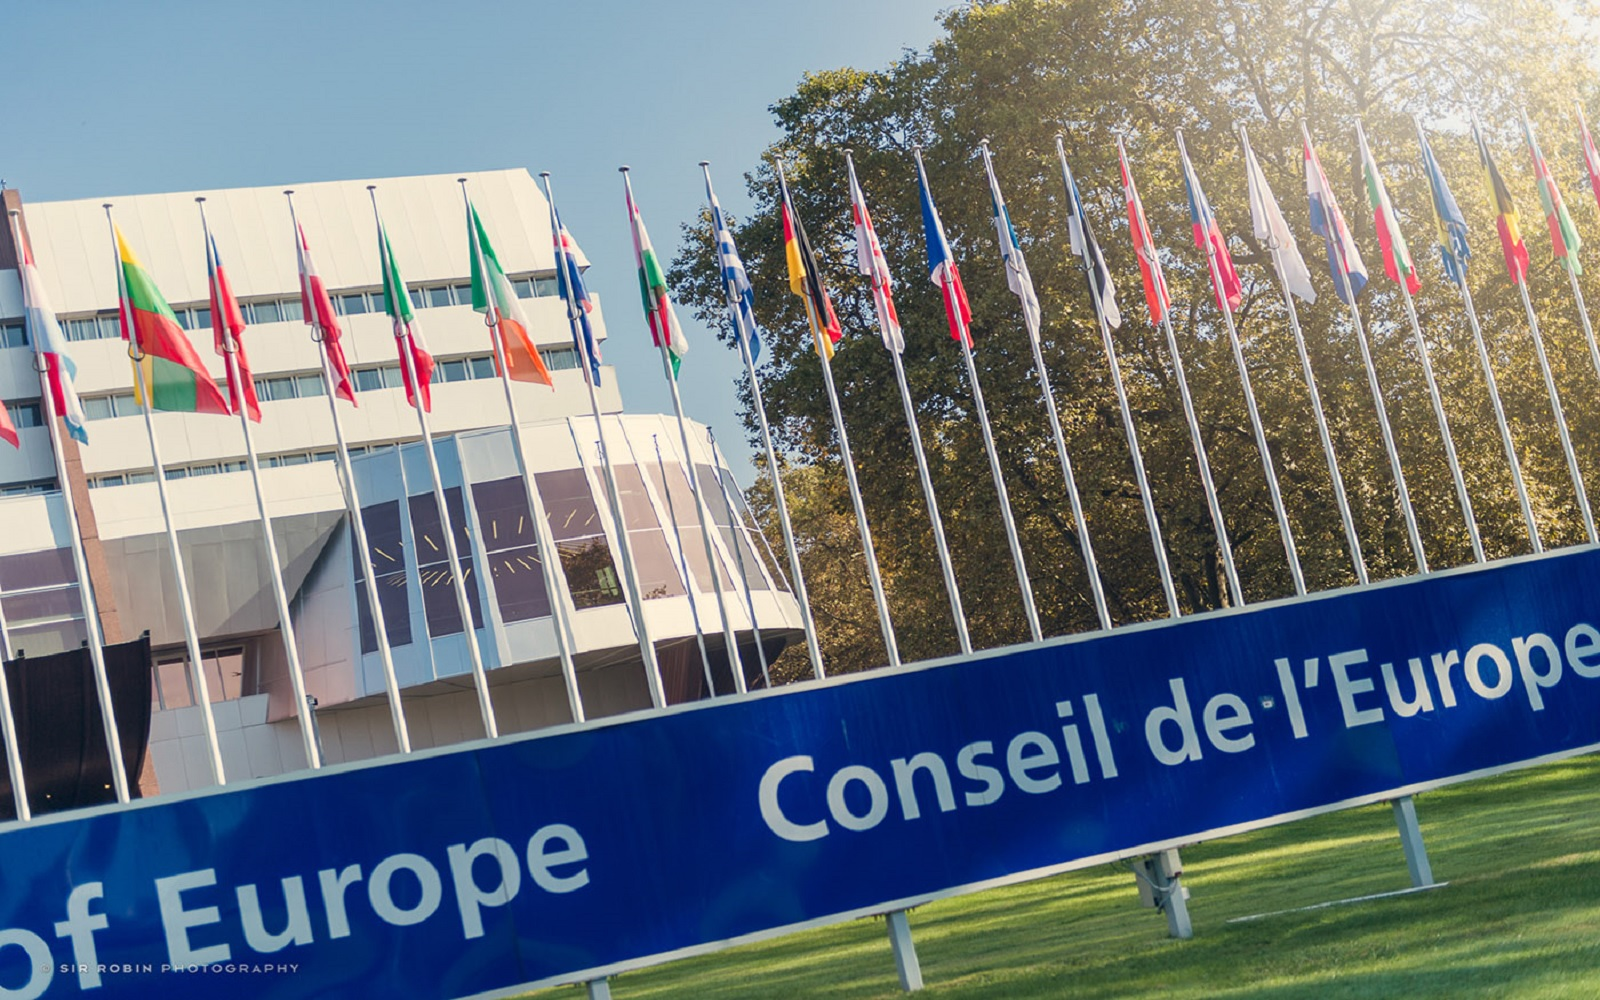 Ευρωπαϊκό κοινοβούλιο τεχνητή νοημοσύνη: Επί τάπητος νέο νομοθετικό πλαίσιο